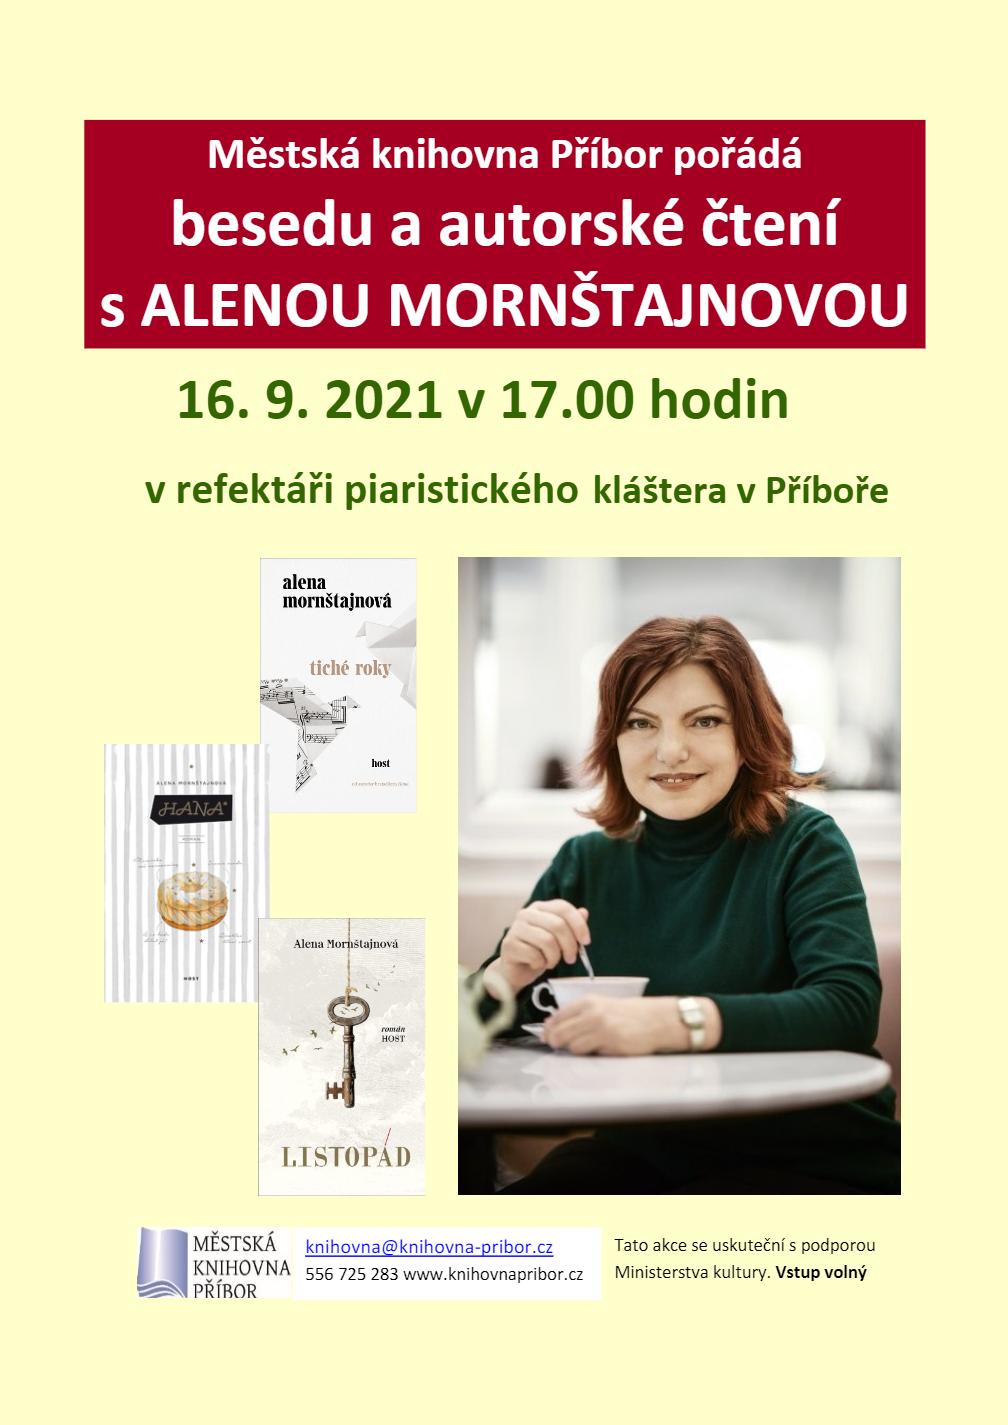 Beseda a autorské čtení s Alenou Mornštajnovou